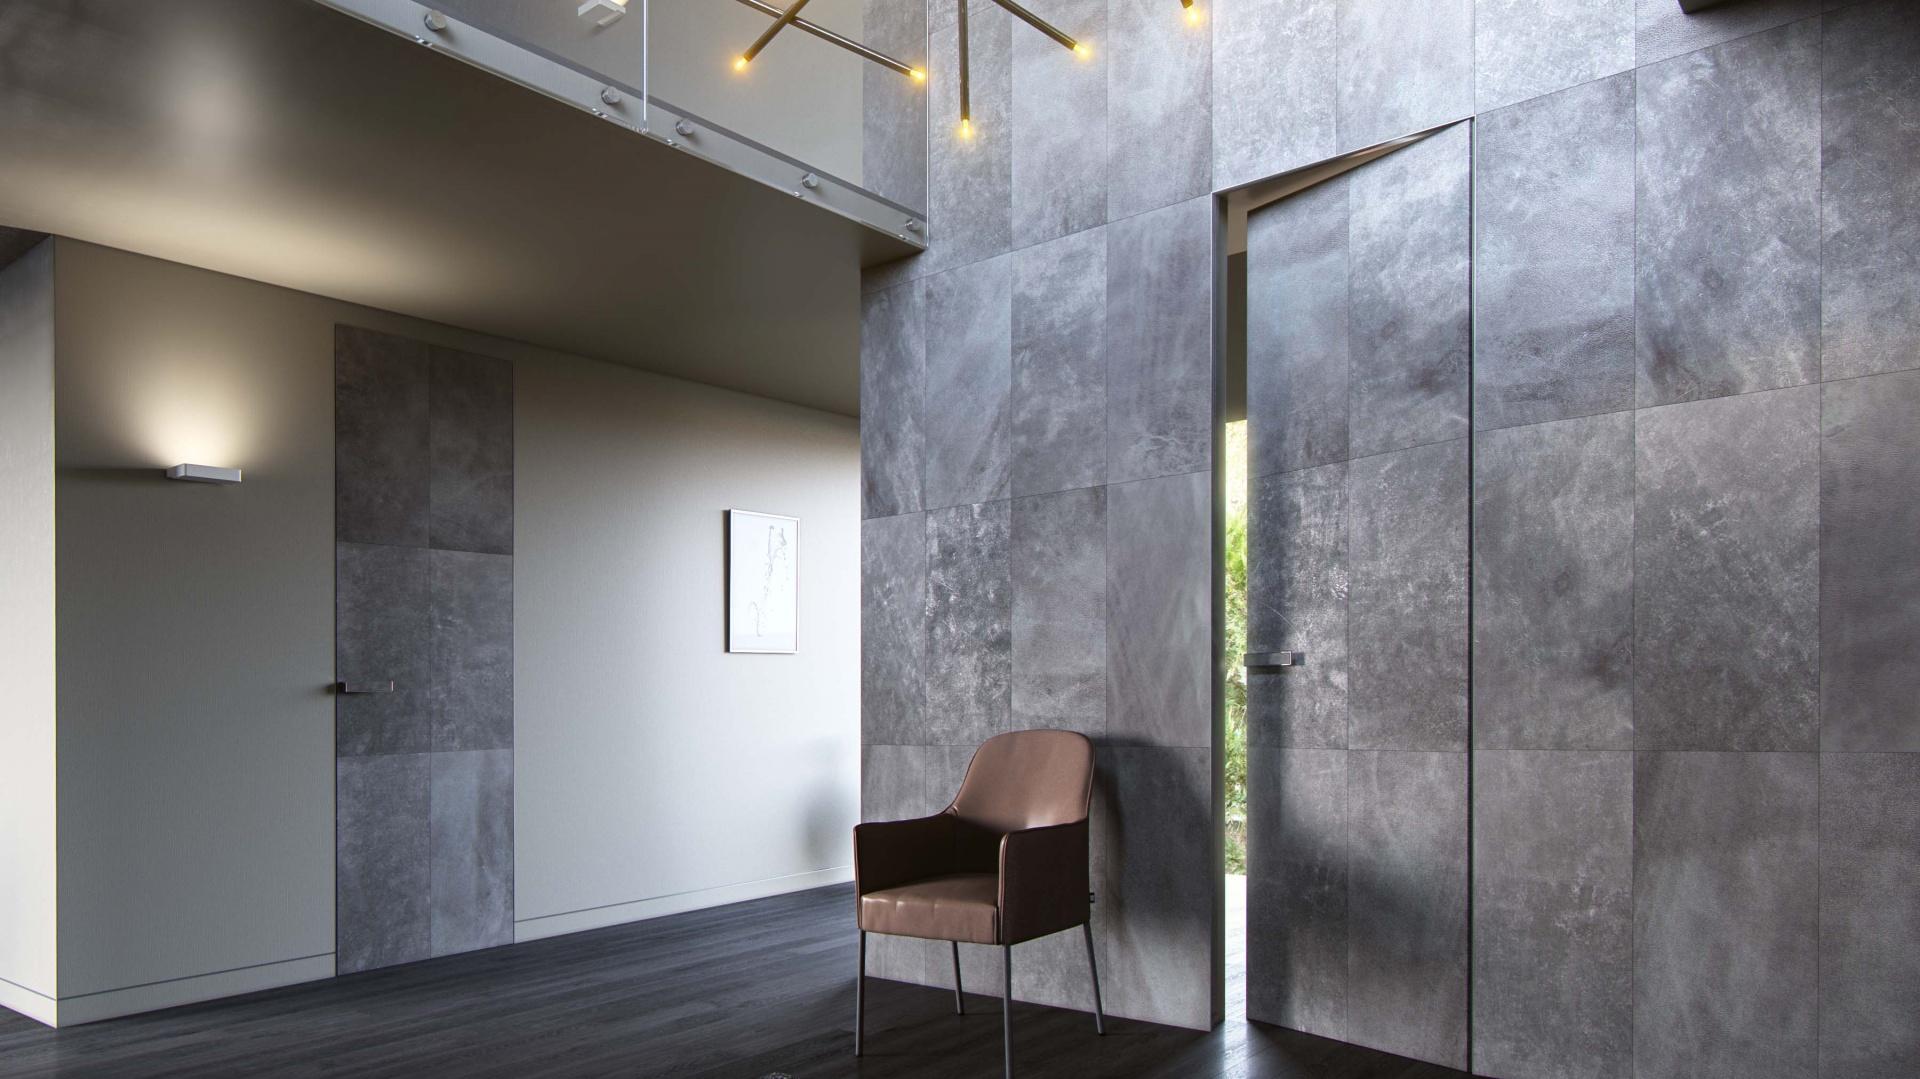 Drzwi PIU Design, projekt: Tomasz Augustyniak.